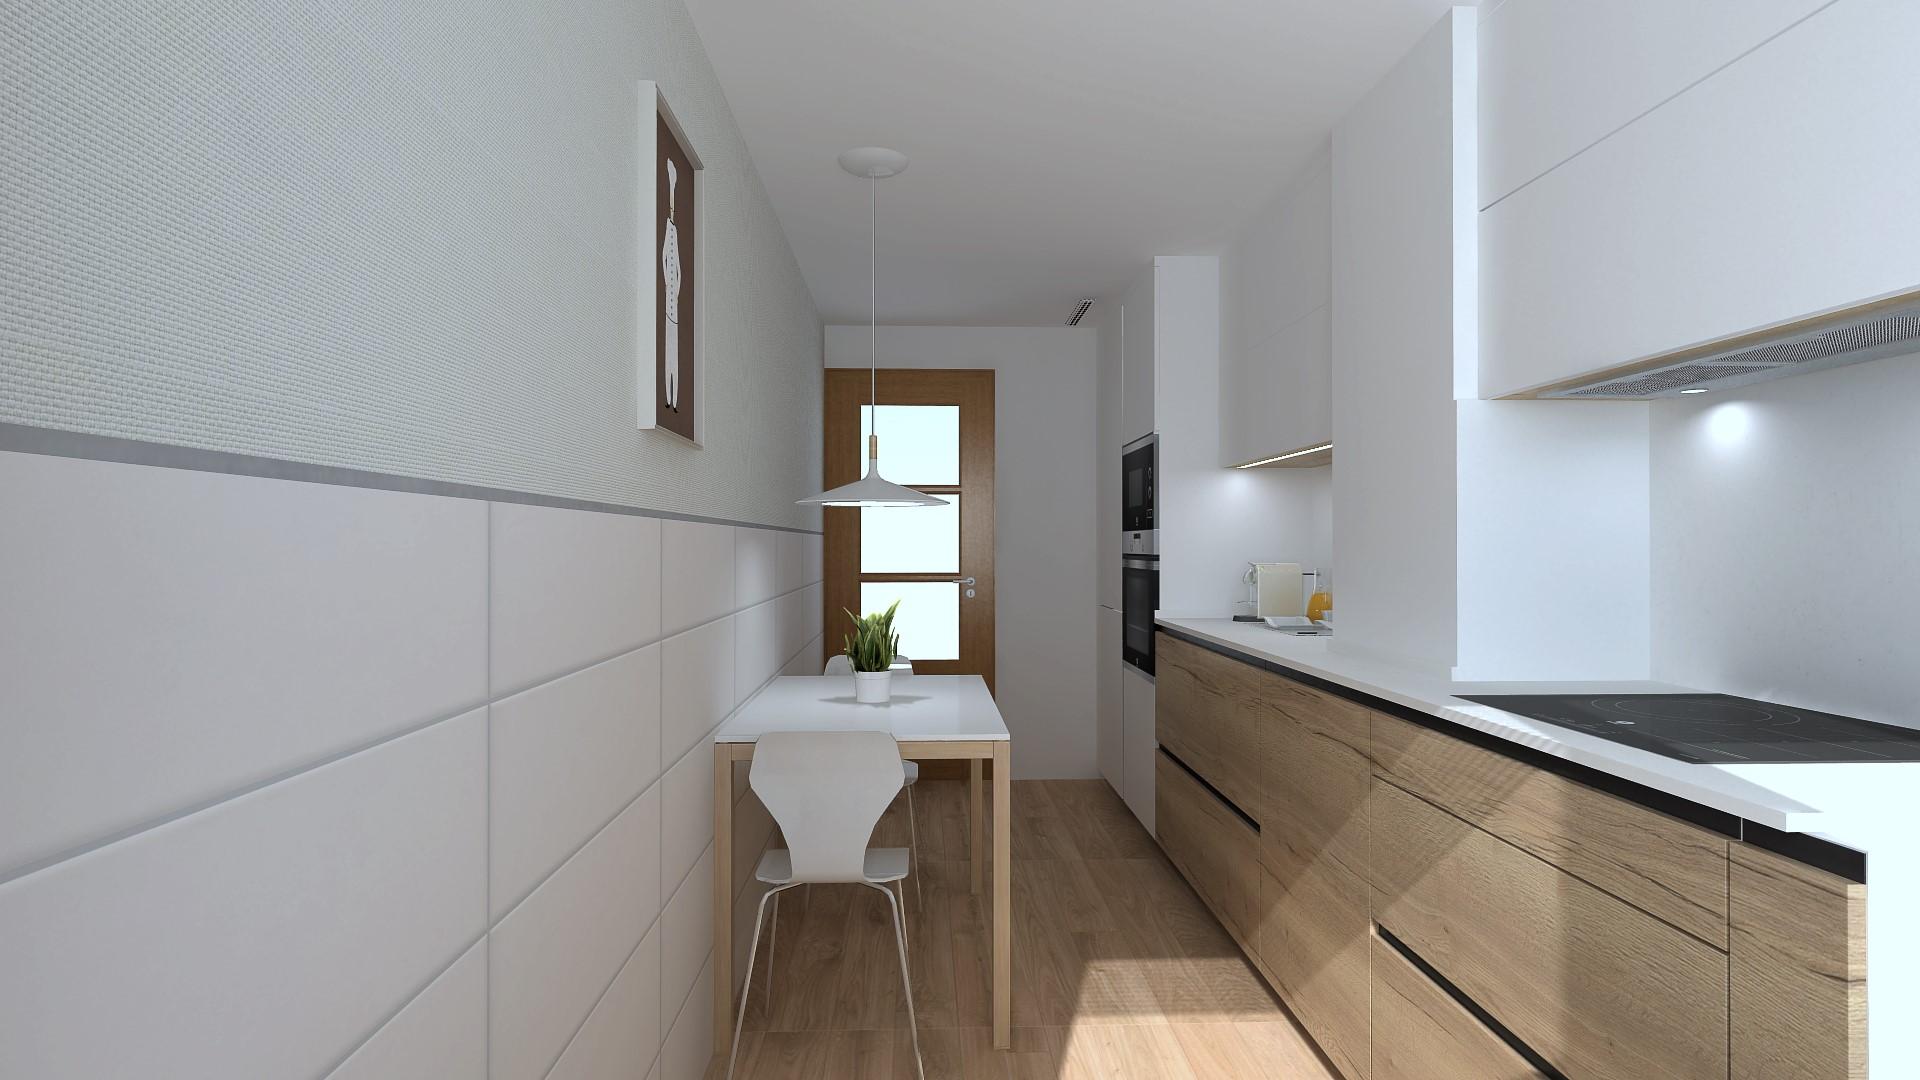 Cocinas de madera pequeñas Santiago Interiores